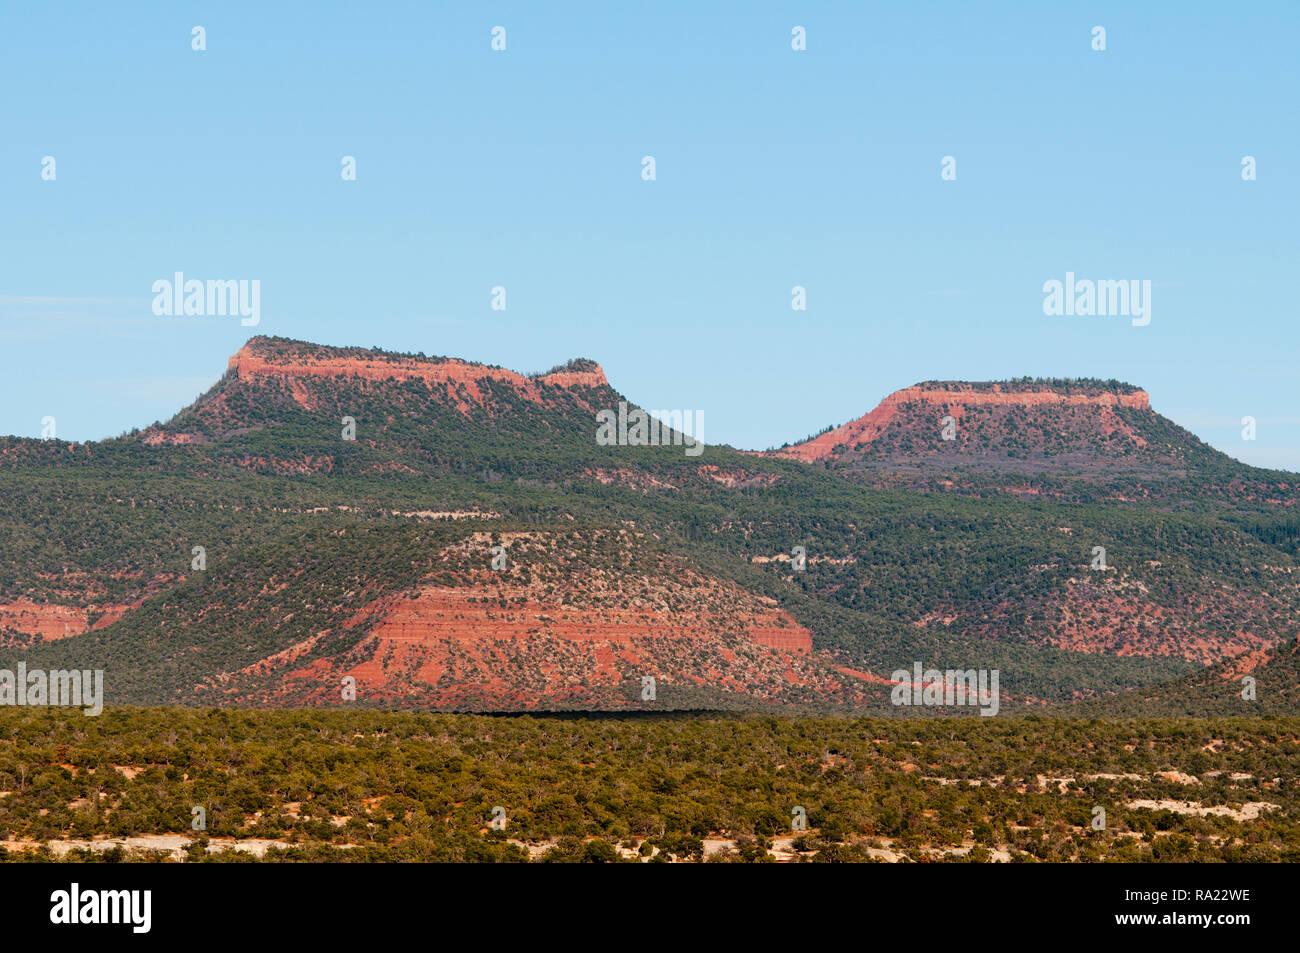 Porta le orecchie in porta orecchie monumento nazionale nella Contea di San Juan in SE USA Utah Immagini Stock